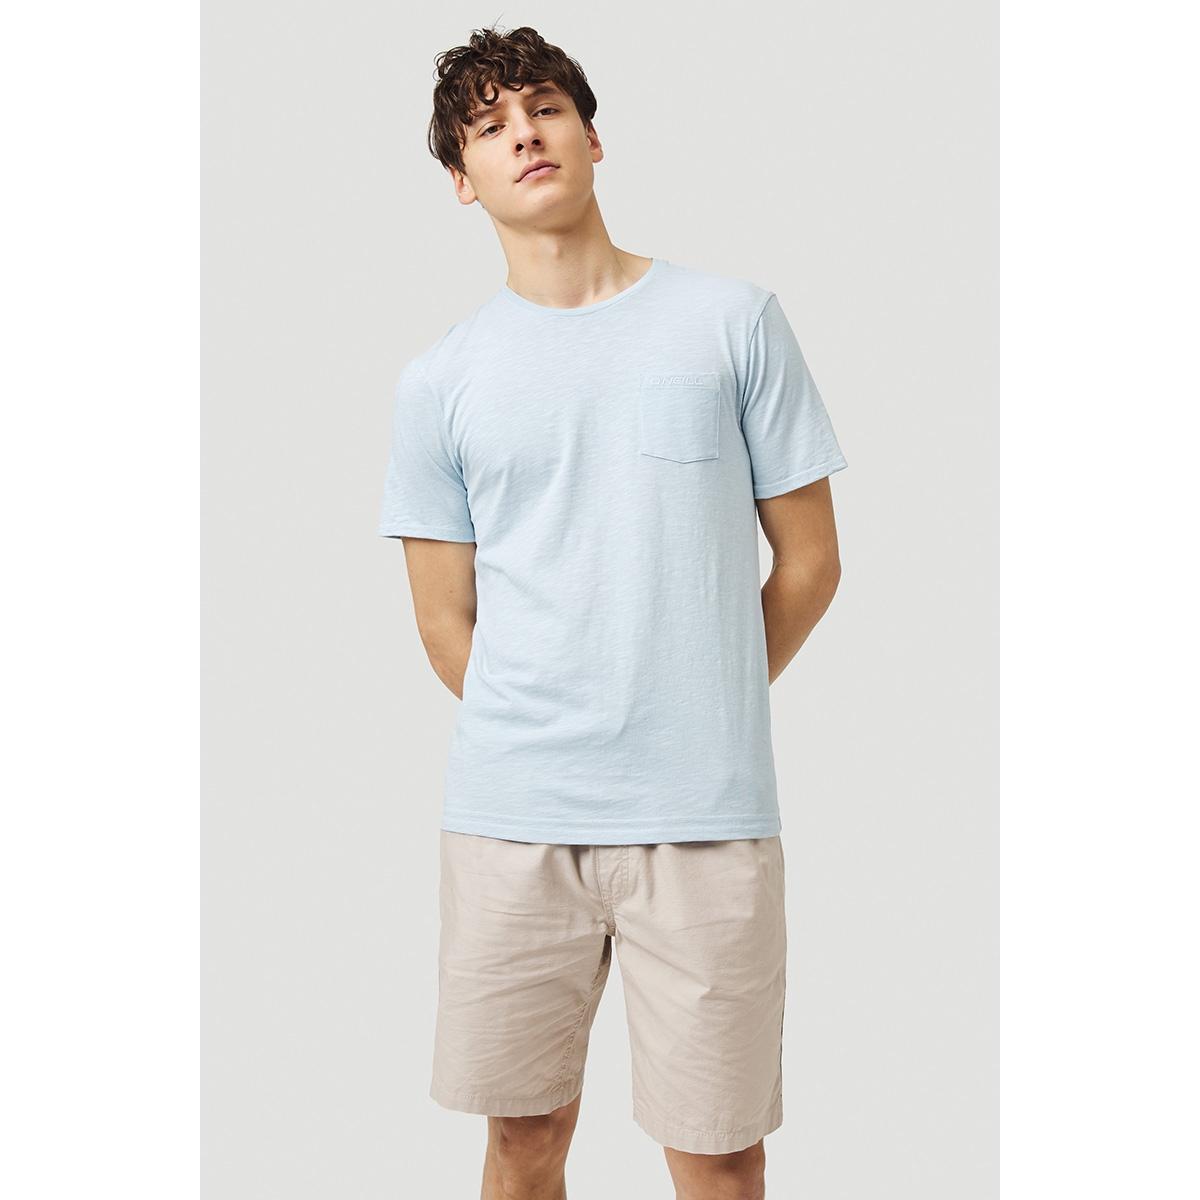 lm essentials t shirt 0a2334 o`neill t-shirt 5207 opal cliff blue